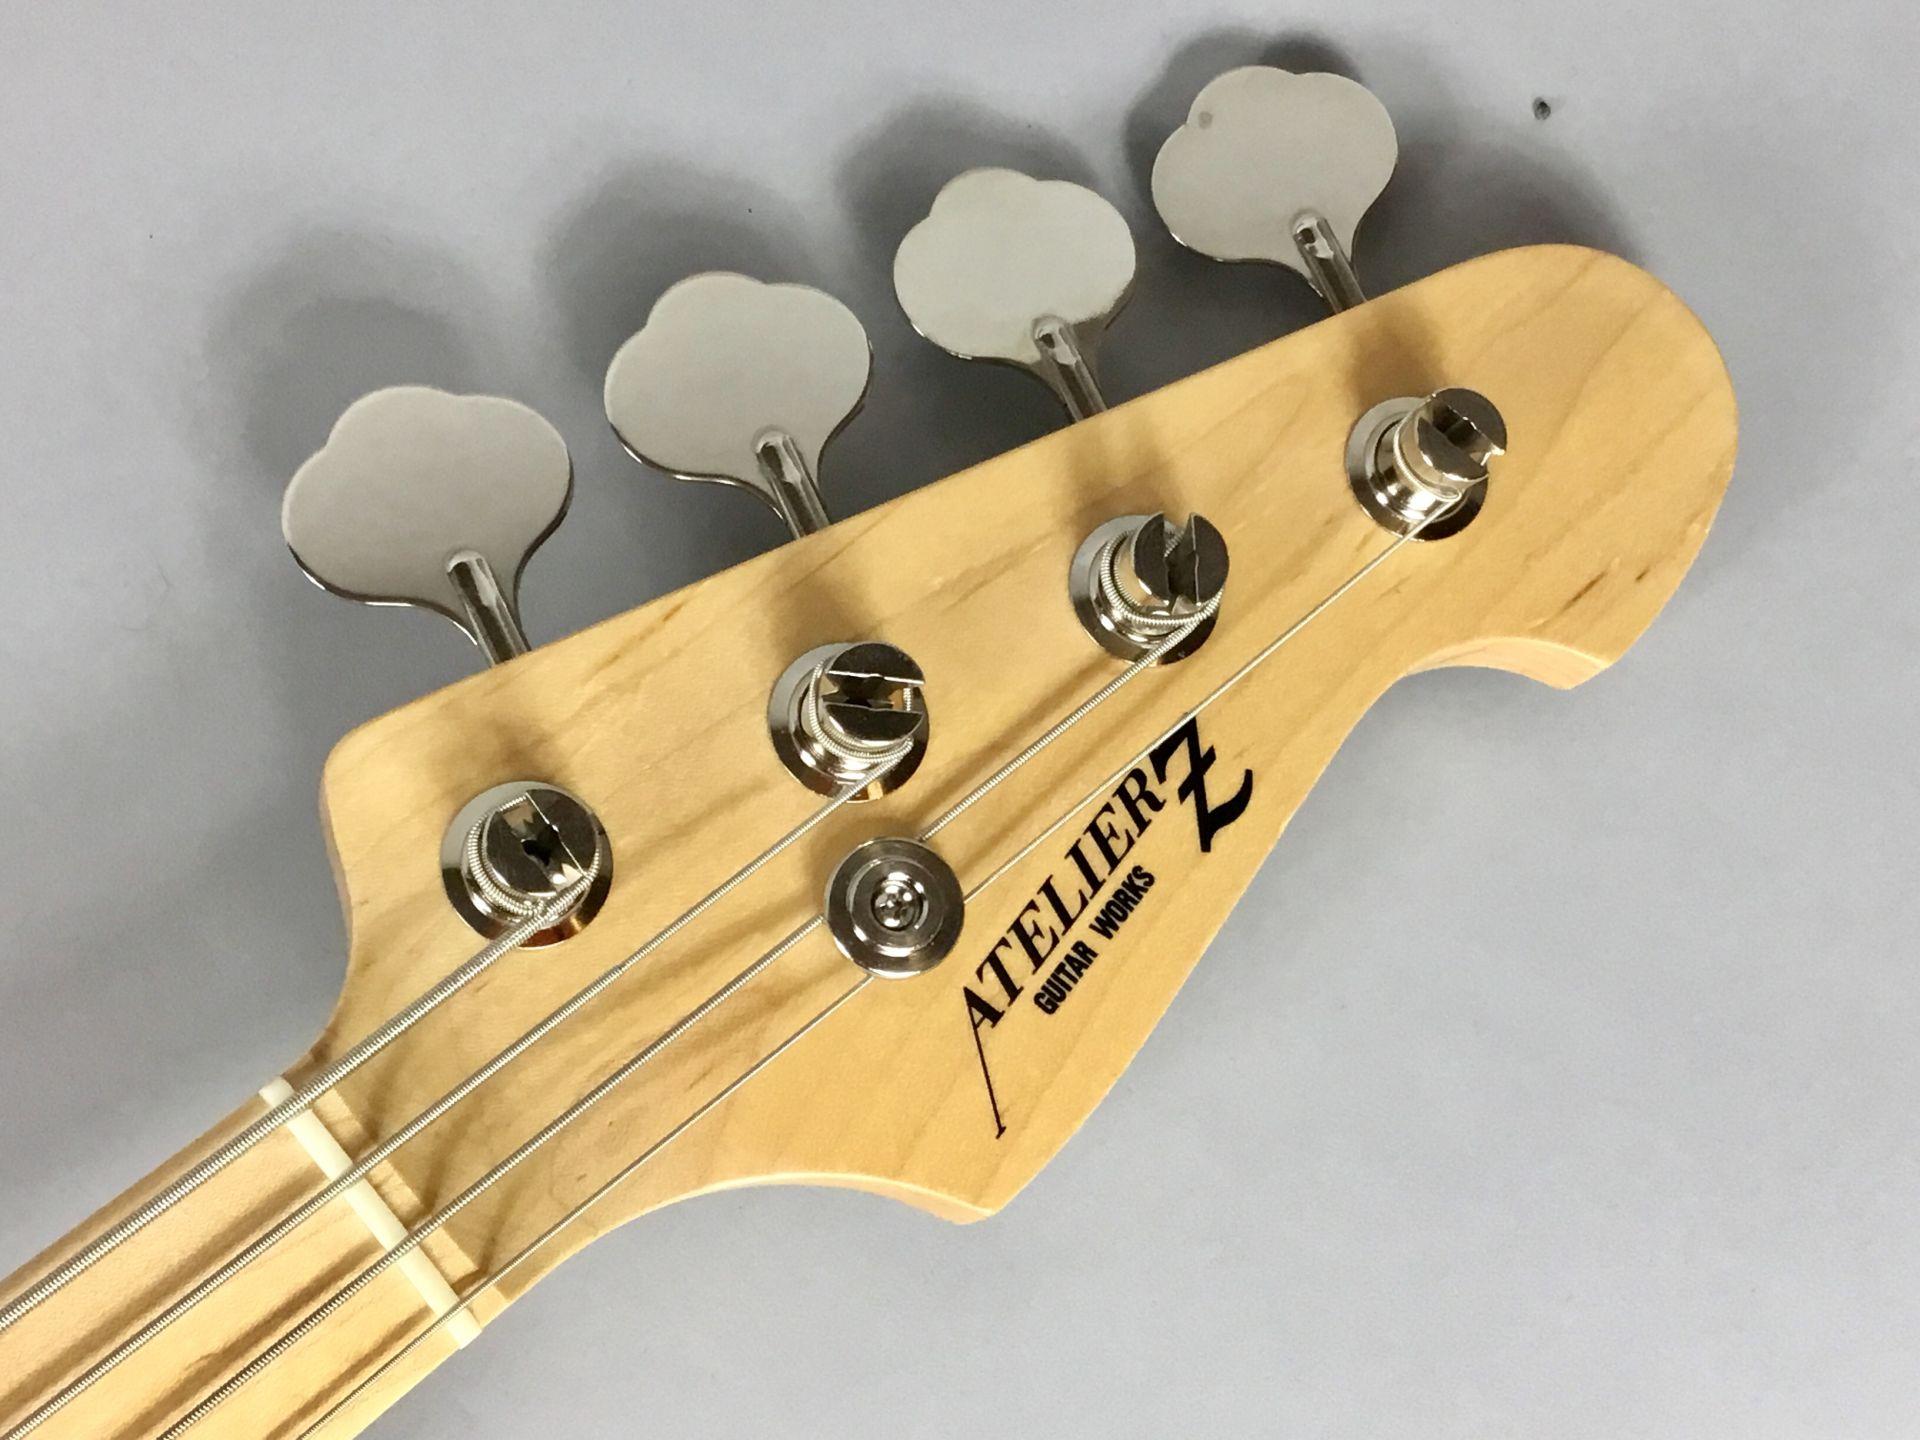 JZ-189/S/Mのヘッド画像